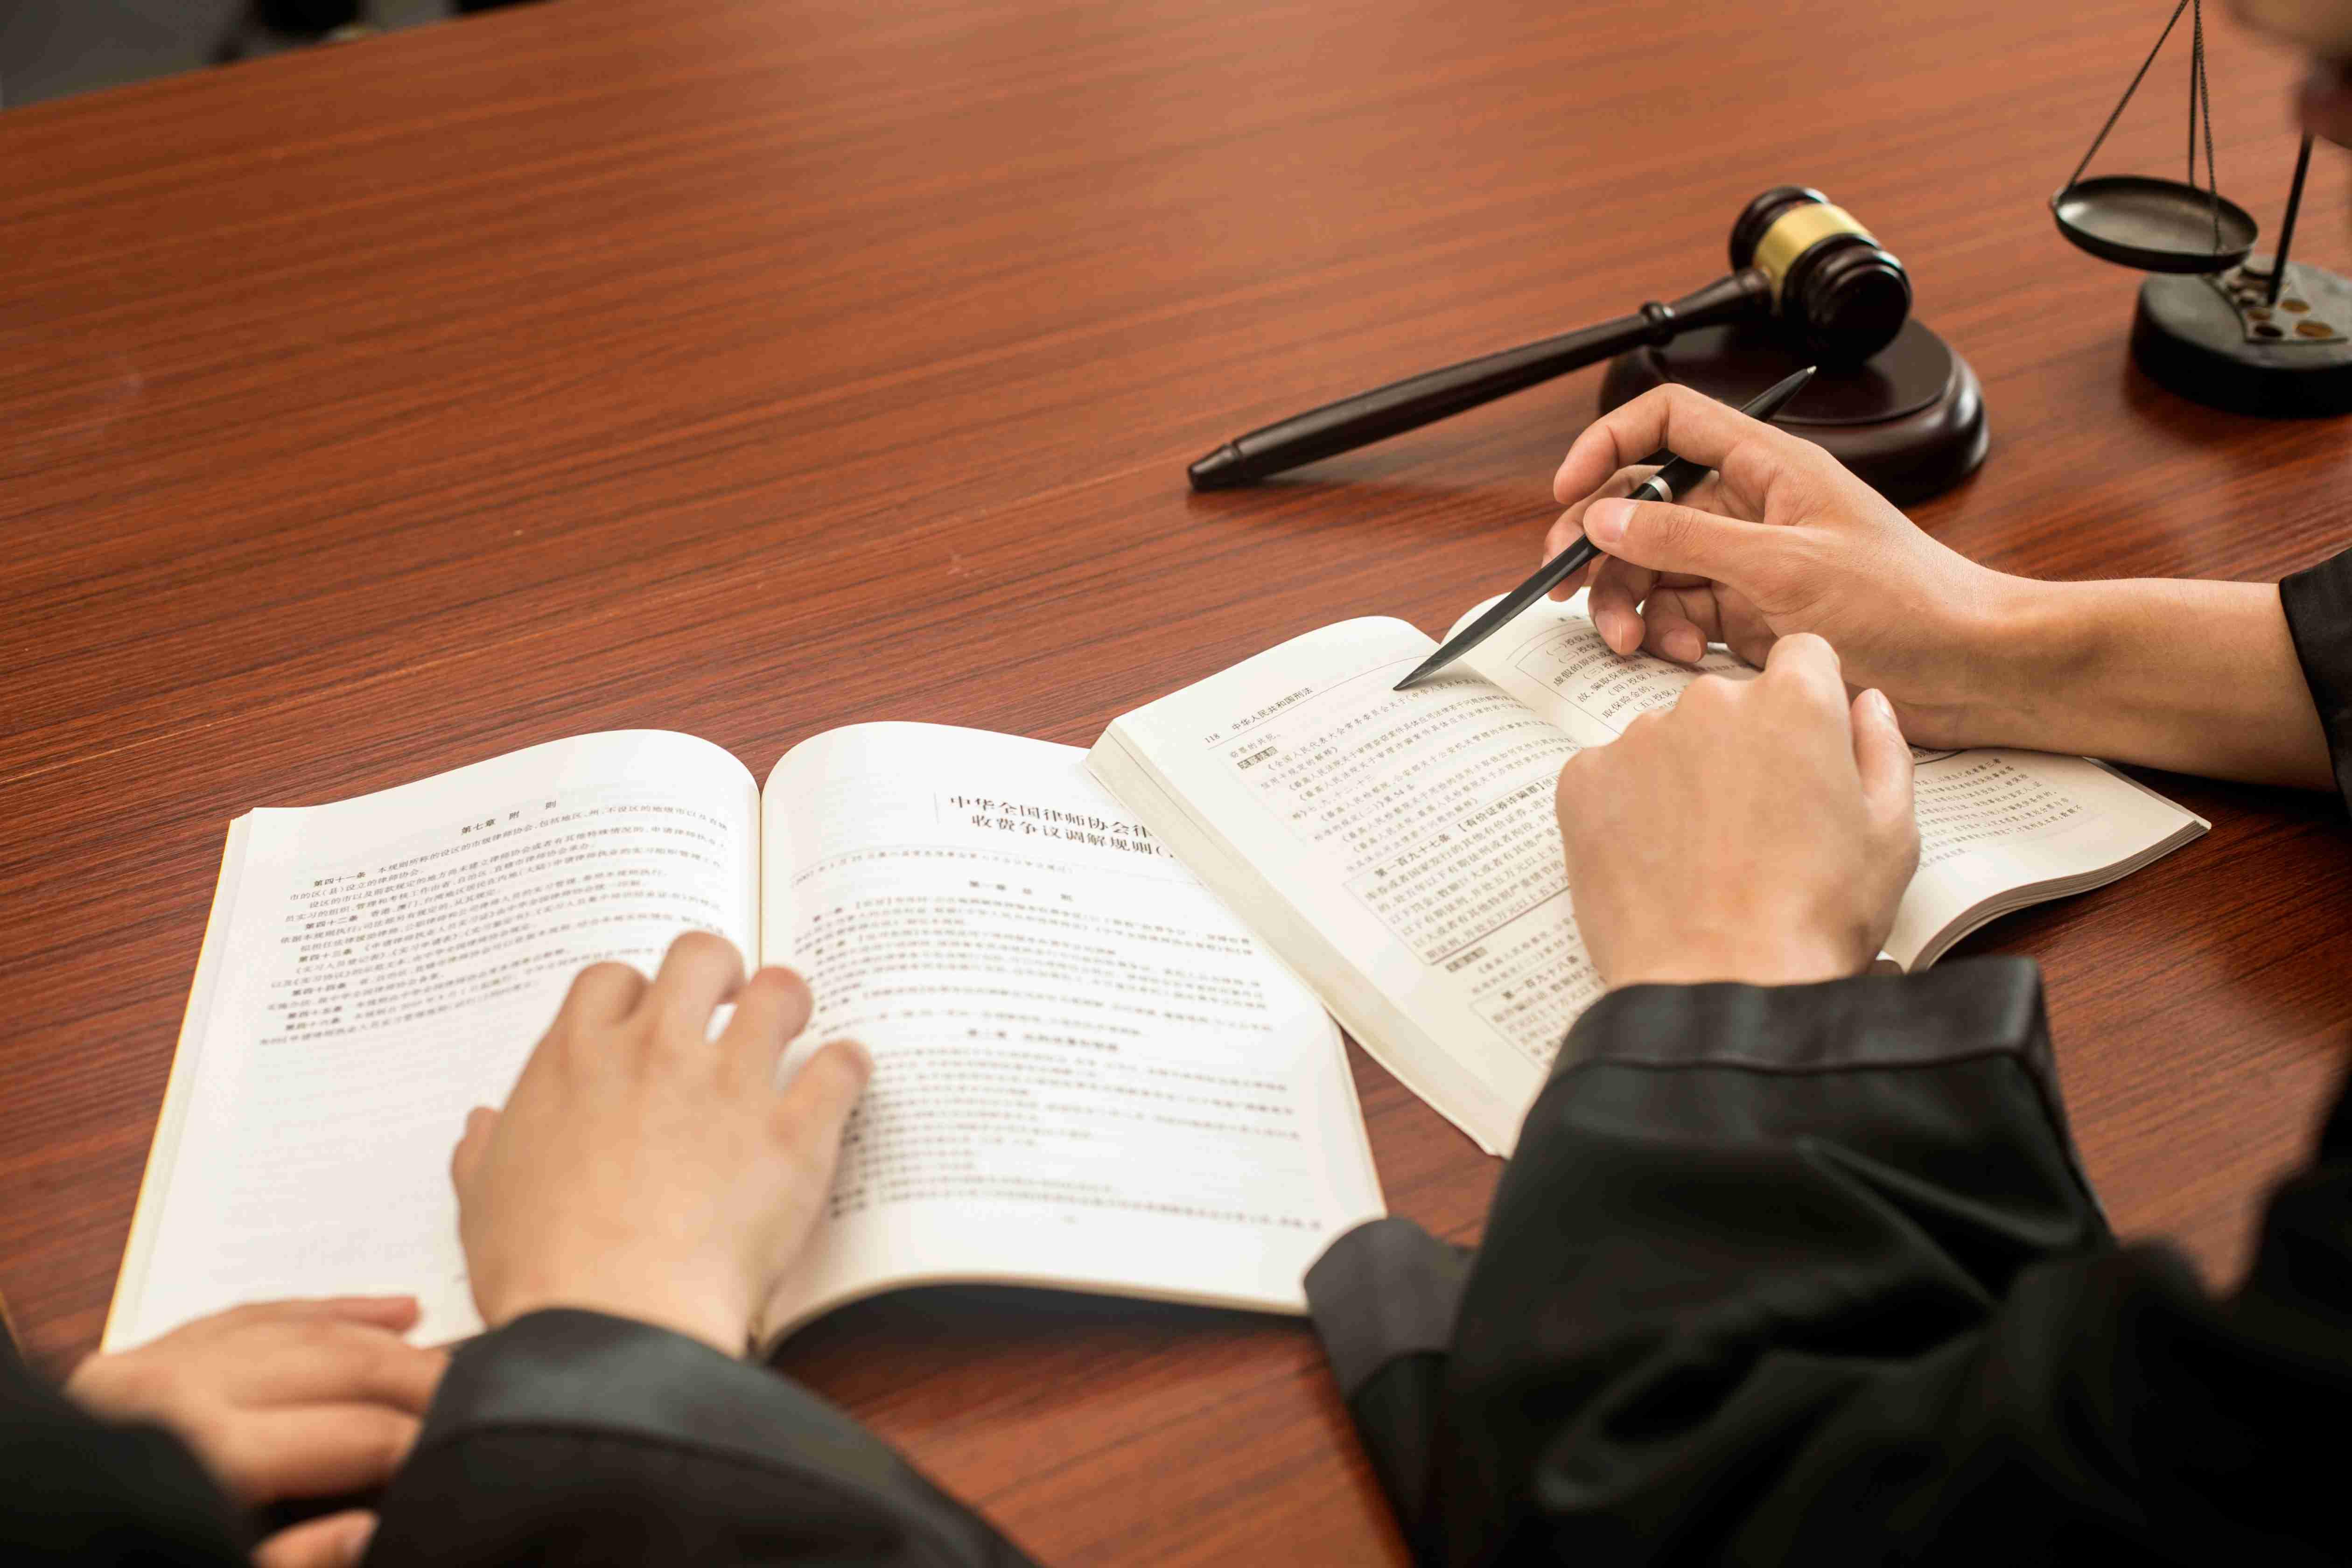 深圳版权律师:著作权与所有权的区别是什么!